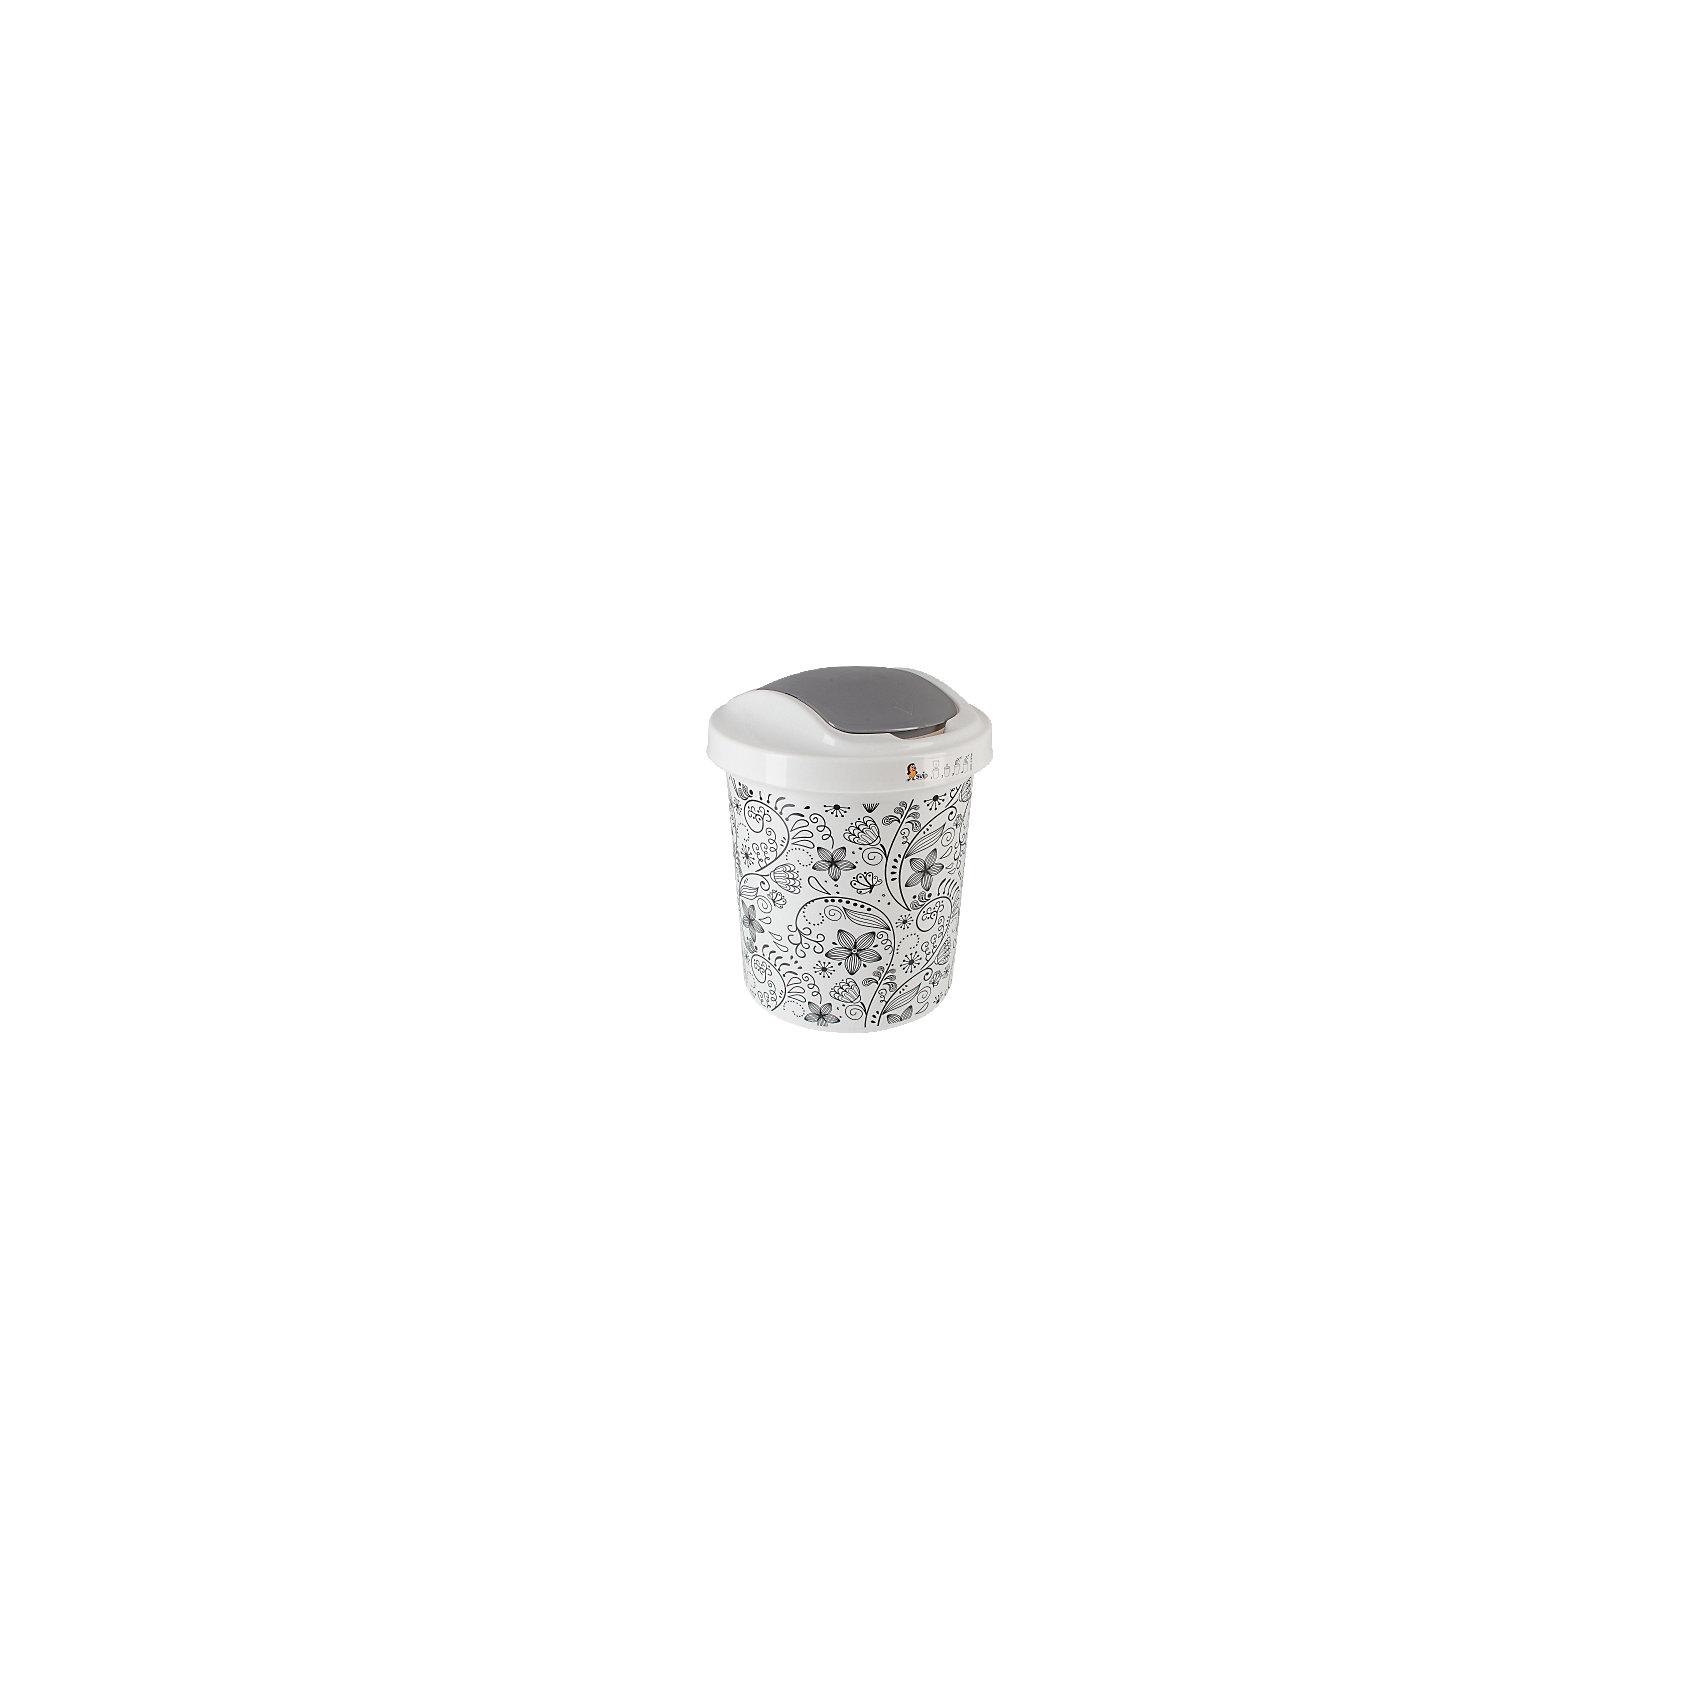 Контейнер для мусора круглый Ориджинал 12 л декор кружева, SvipПорядок в детской<br>Контейнер для мусора поможет поддержать порядок и чистоту на кухне, в туалетной комнате, за рабочим столом: изделие оснащено крышкой с двойным механизмом открывания, что обеспечивает максимально удобное использование - откидной крышкой можно воспользоваться при забрасывании большого мусора, крышкой-маятником – для мусора меньшего объема. Современные декоры превращают изделие в приятное дополнение к интерьеру комнаты. Скрытые борта в корпусе ведра для аккуратного использования одноразовых пакетов и сохранения эстетики изделия. Для удобства извлечения накопившегося в ведре мусора его верхняя часть сделана съёмной.<br><br>Ширина мм: 280<br>Глубина мм: 280<br>Высота мм: 332<br>Вес г: 526<br>Возраст от месяцев: 216<br>Возраст до месяцев: 1188<br>Пол: Унисекс<br>Возраст: Детский<br>SKU: 5545661